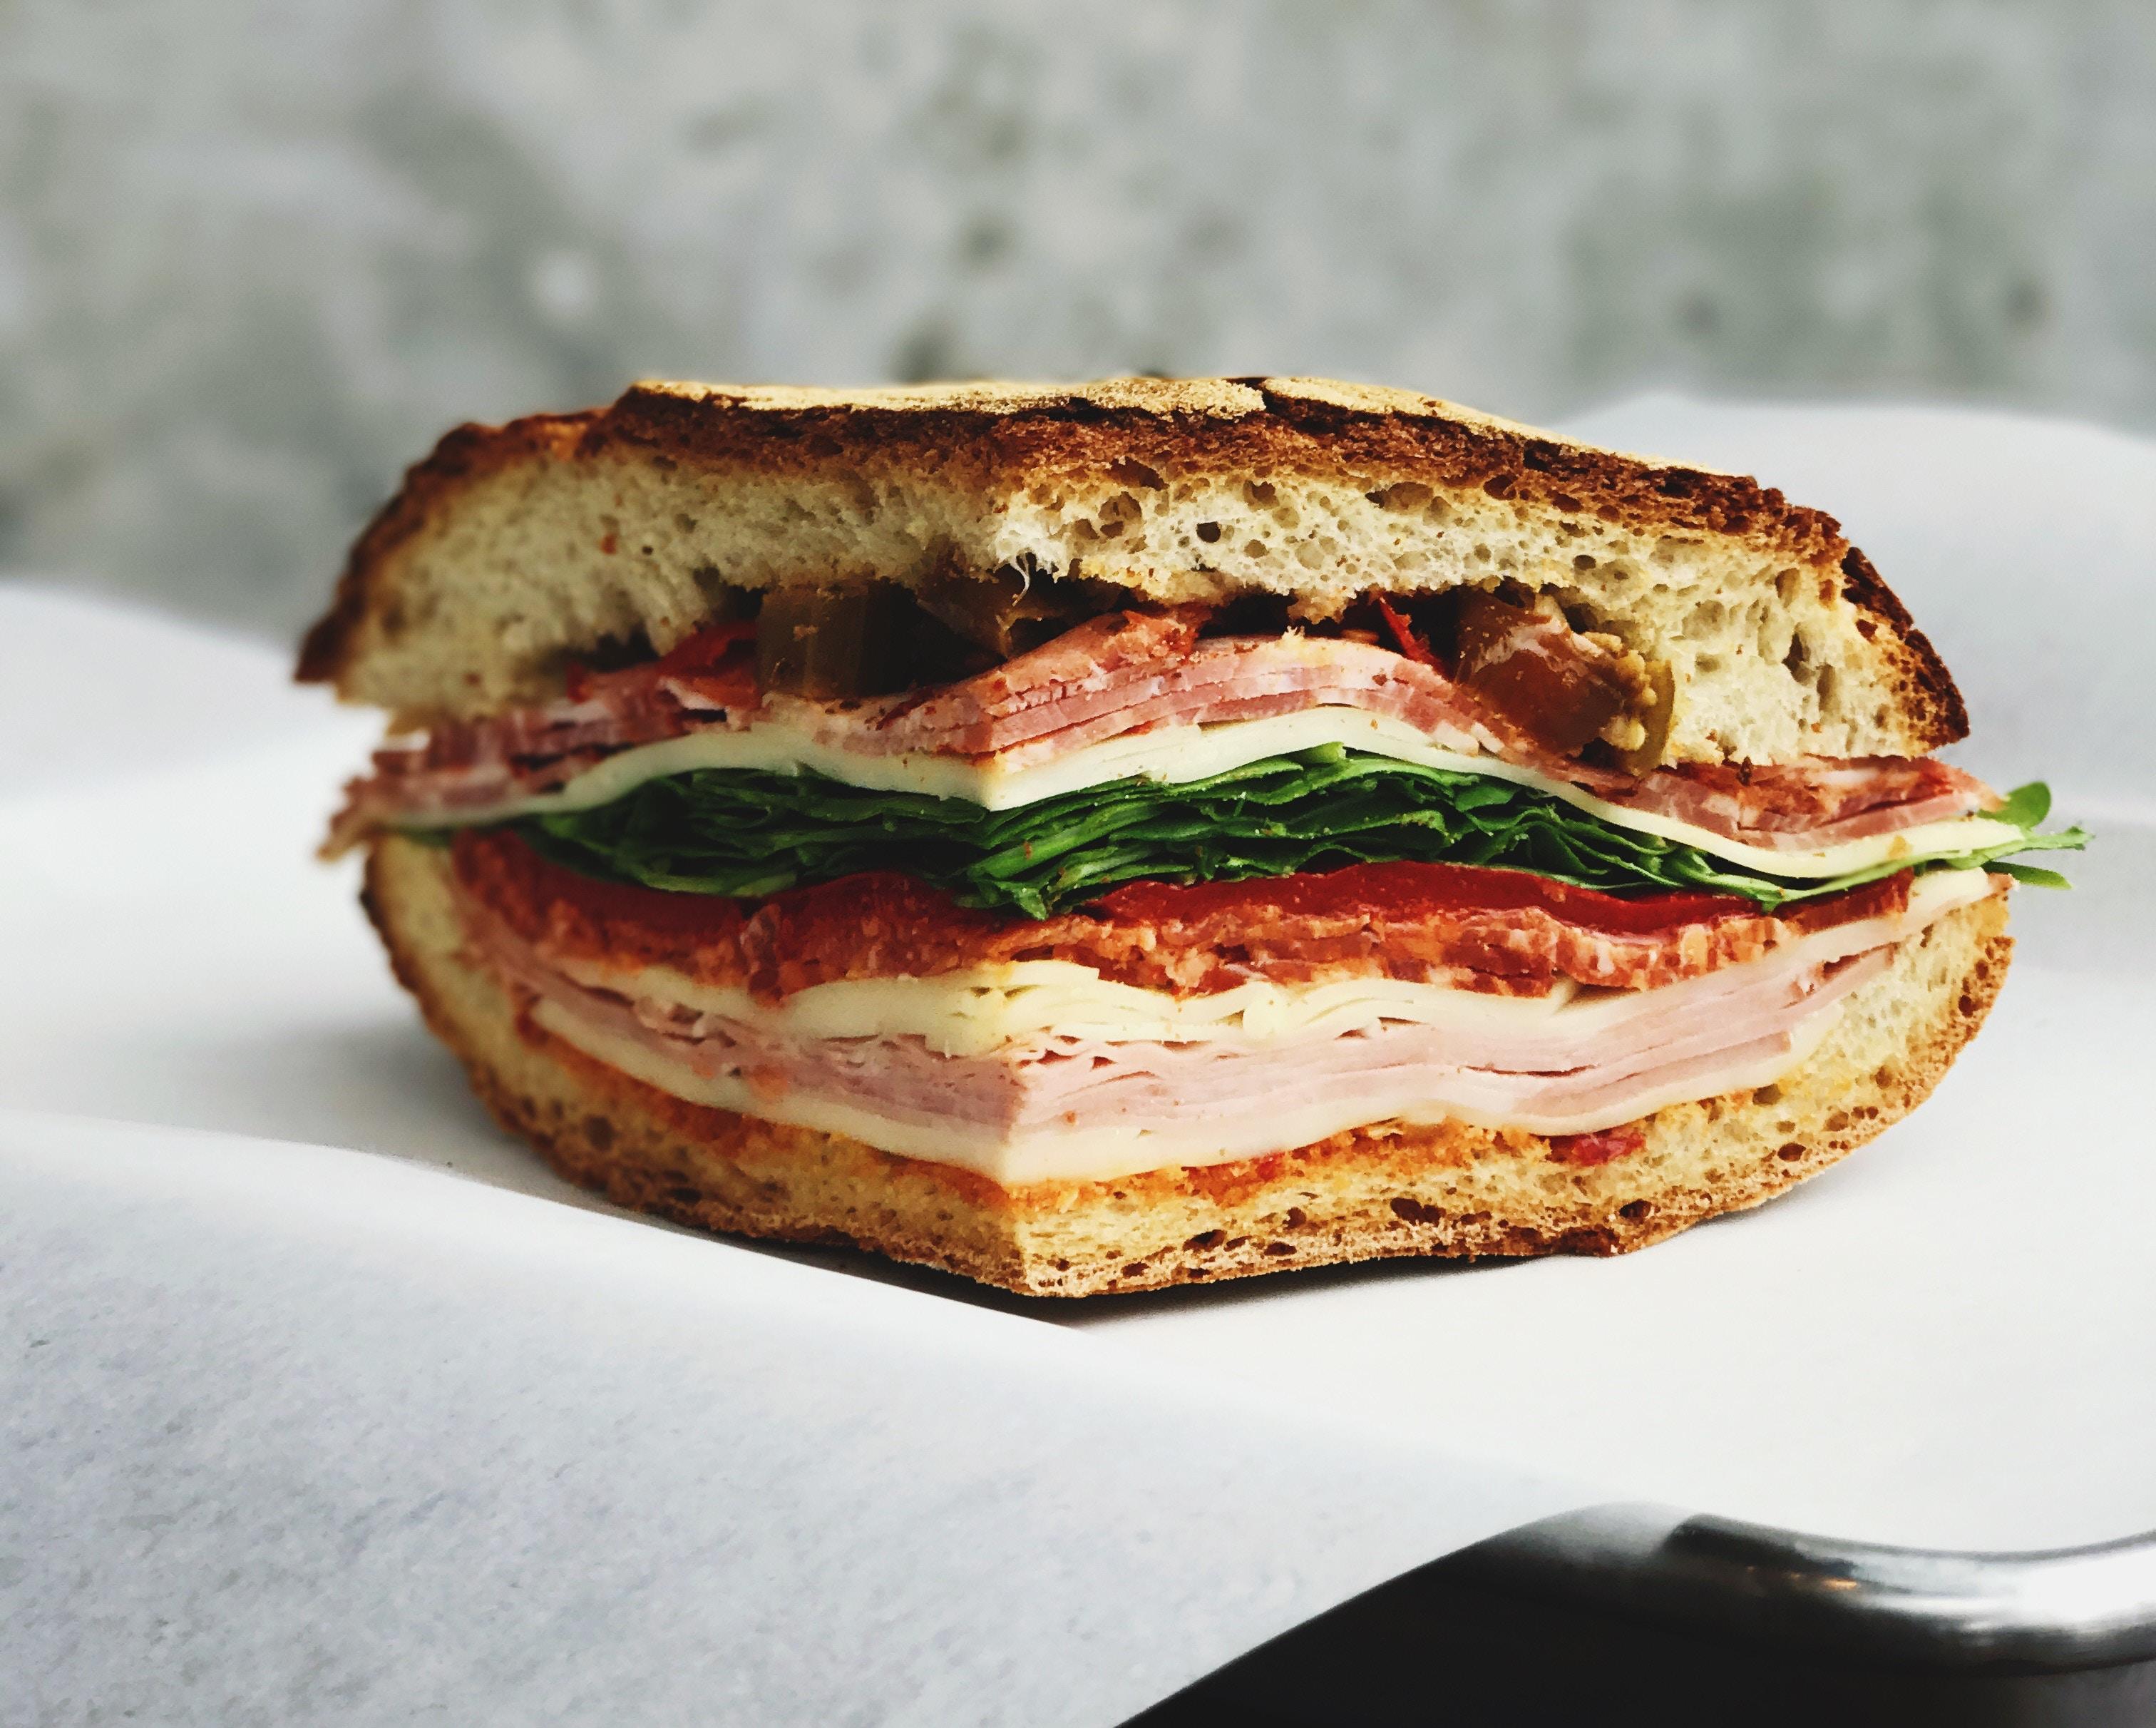 sandwich Kitson & Co. Toronto